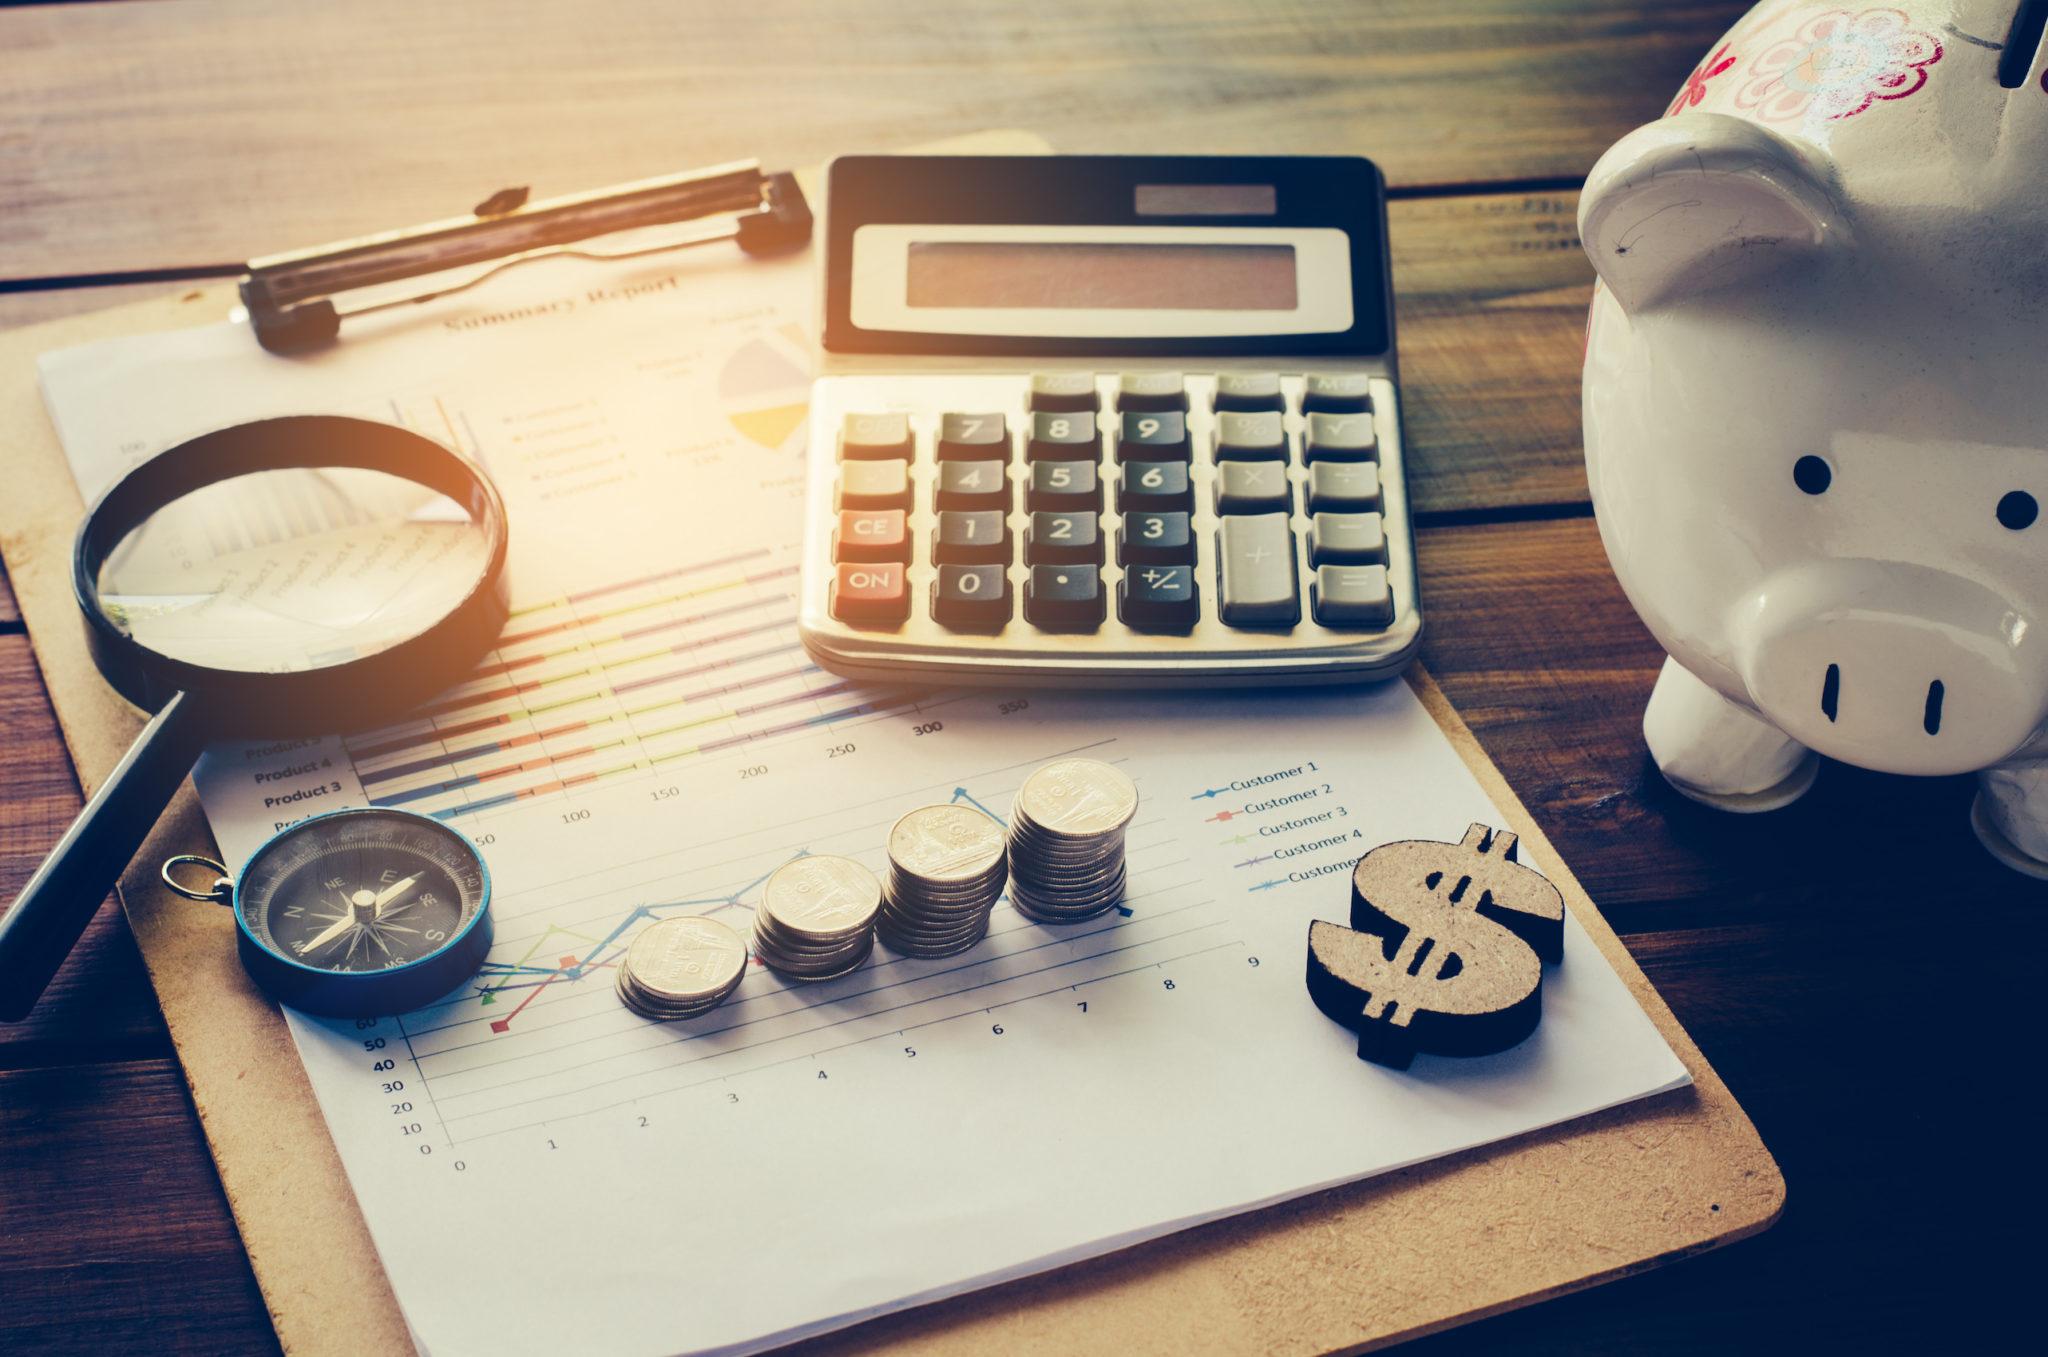 Idea-, kehitys- ja tuoteportfolioiden hallinta on liiketoiminnan vaikuttavinta päätöksentekoa.